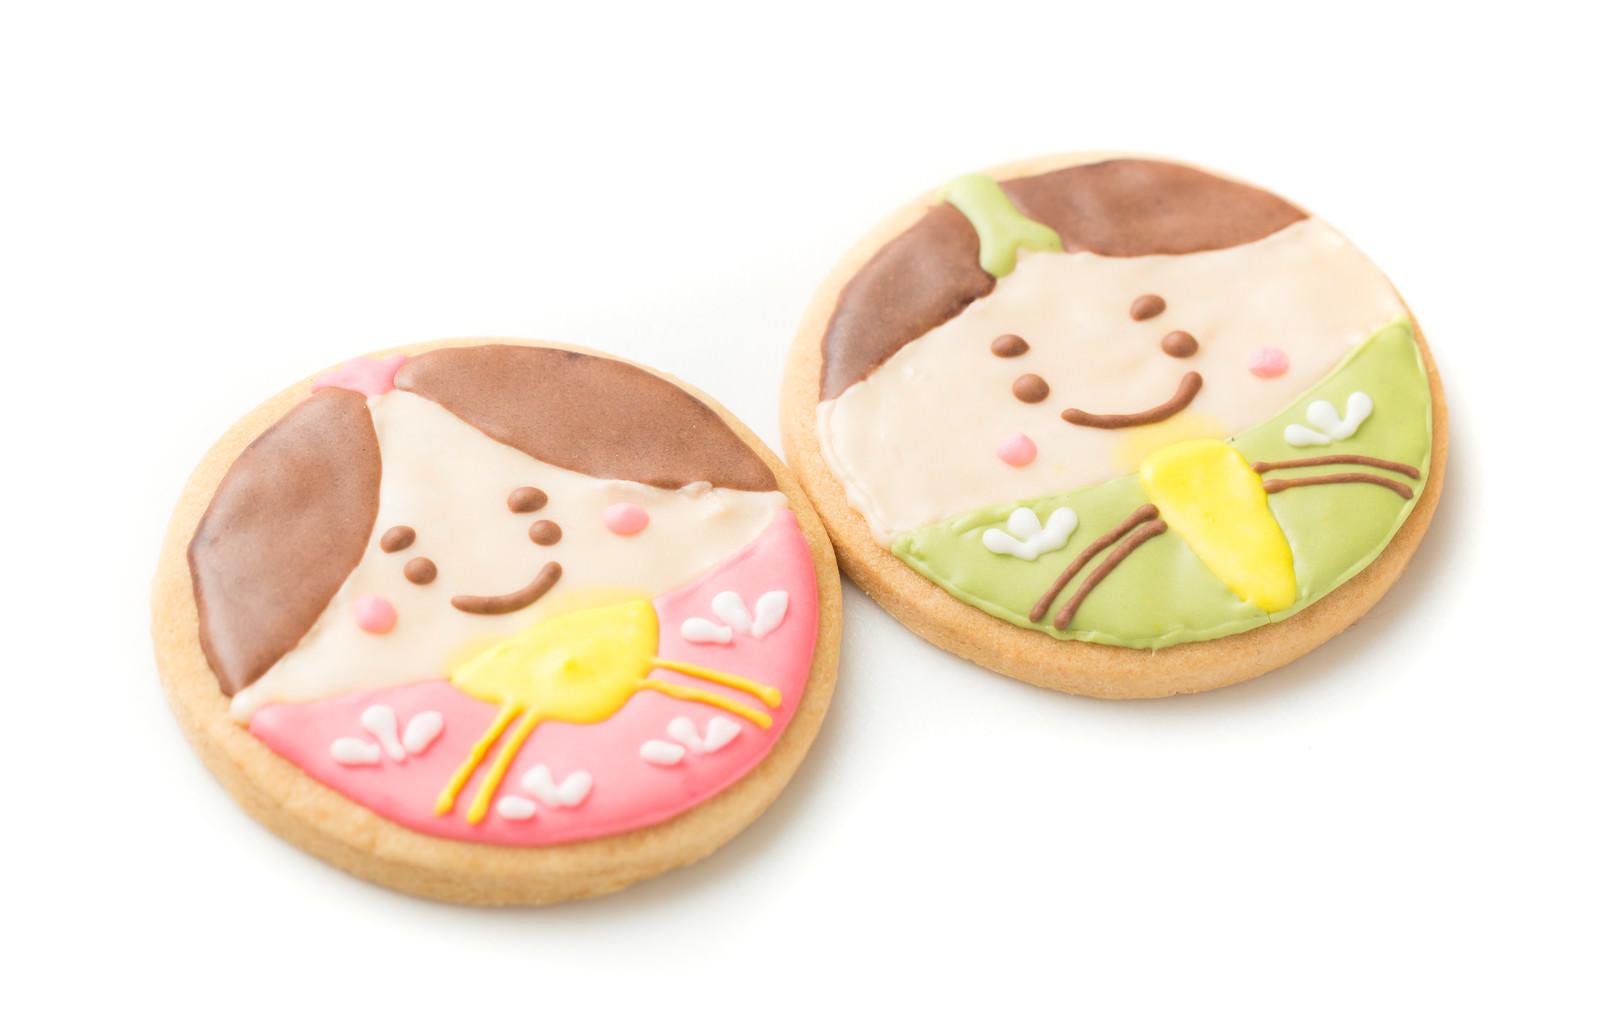 「男雛と女雛のアイシングクッキー」の写真